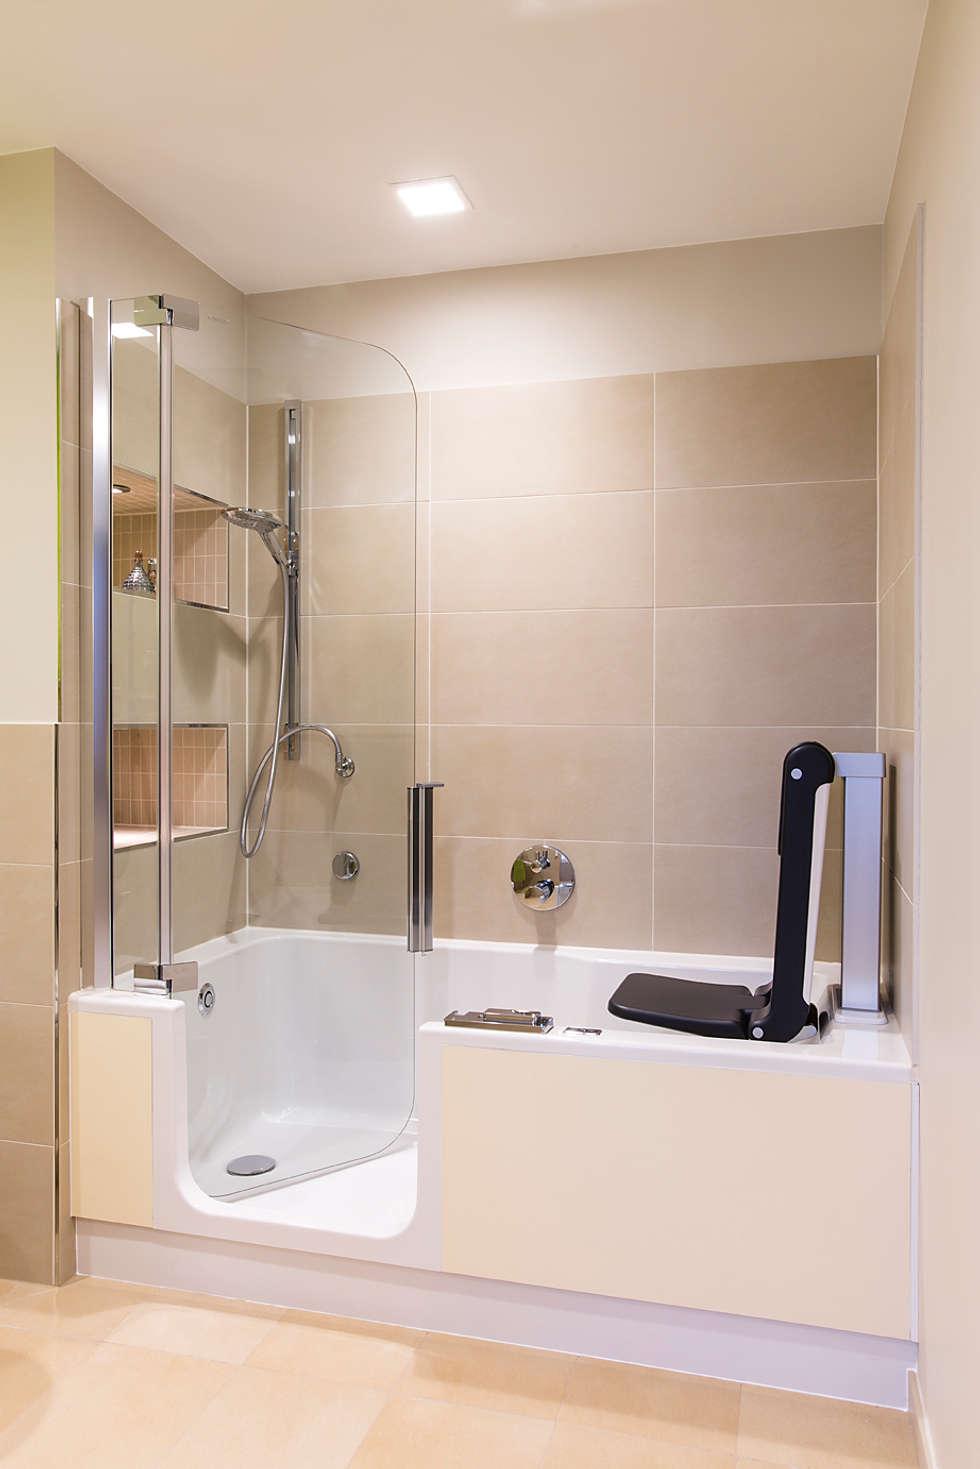 Barrierefreie Badewanne wohnideen interior design einrichtungsideen bilder homify